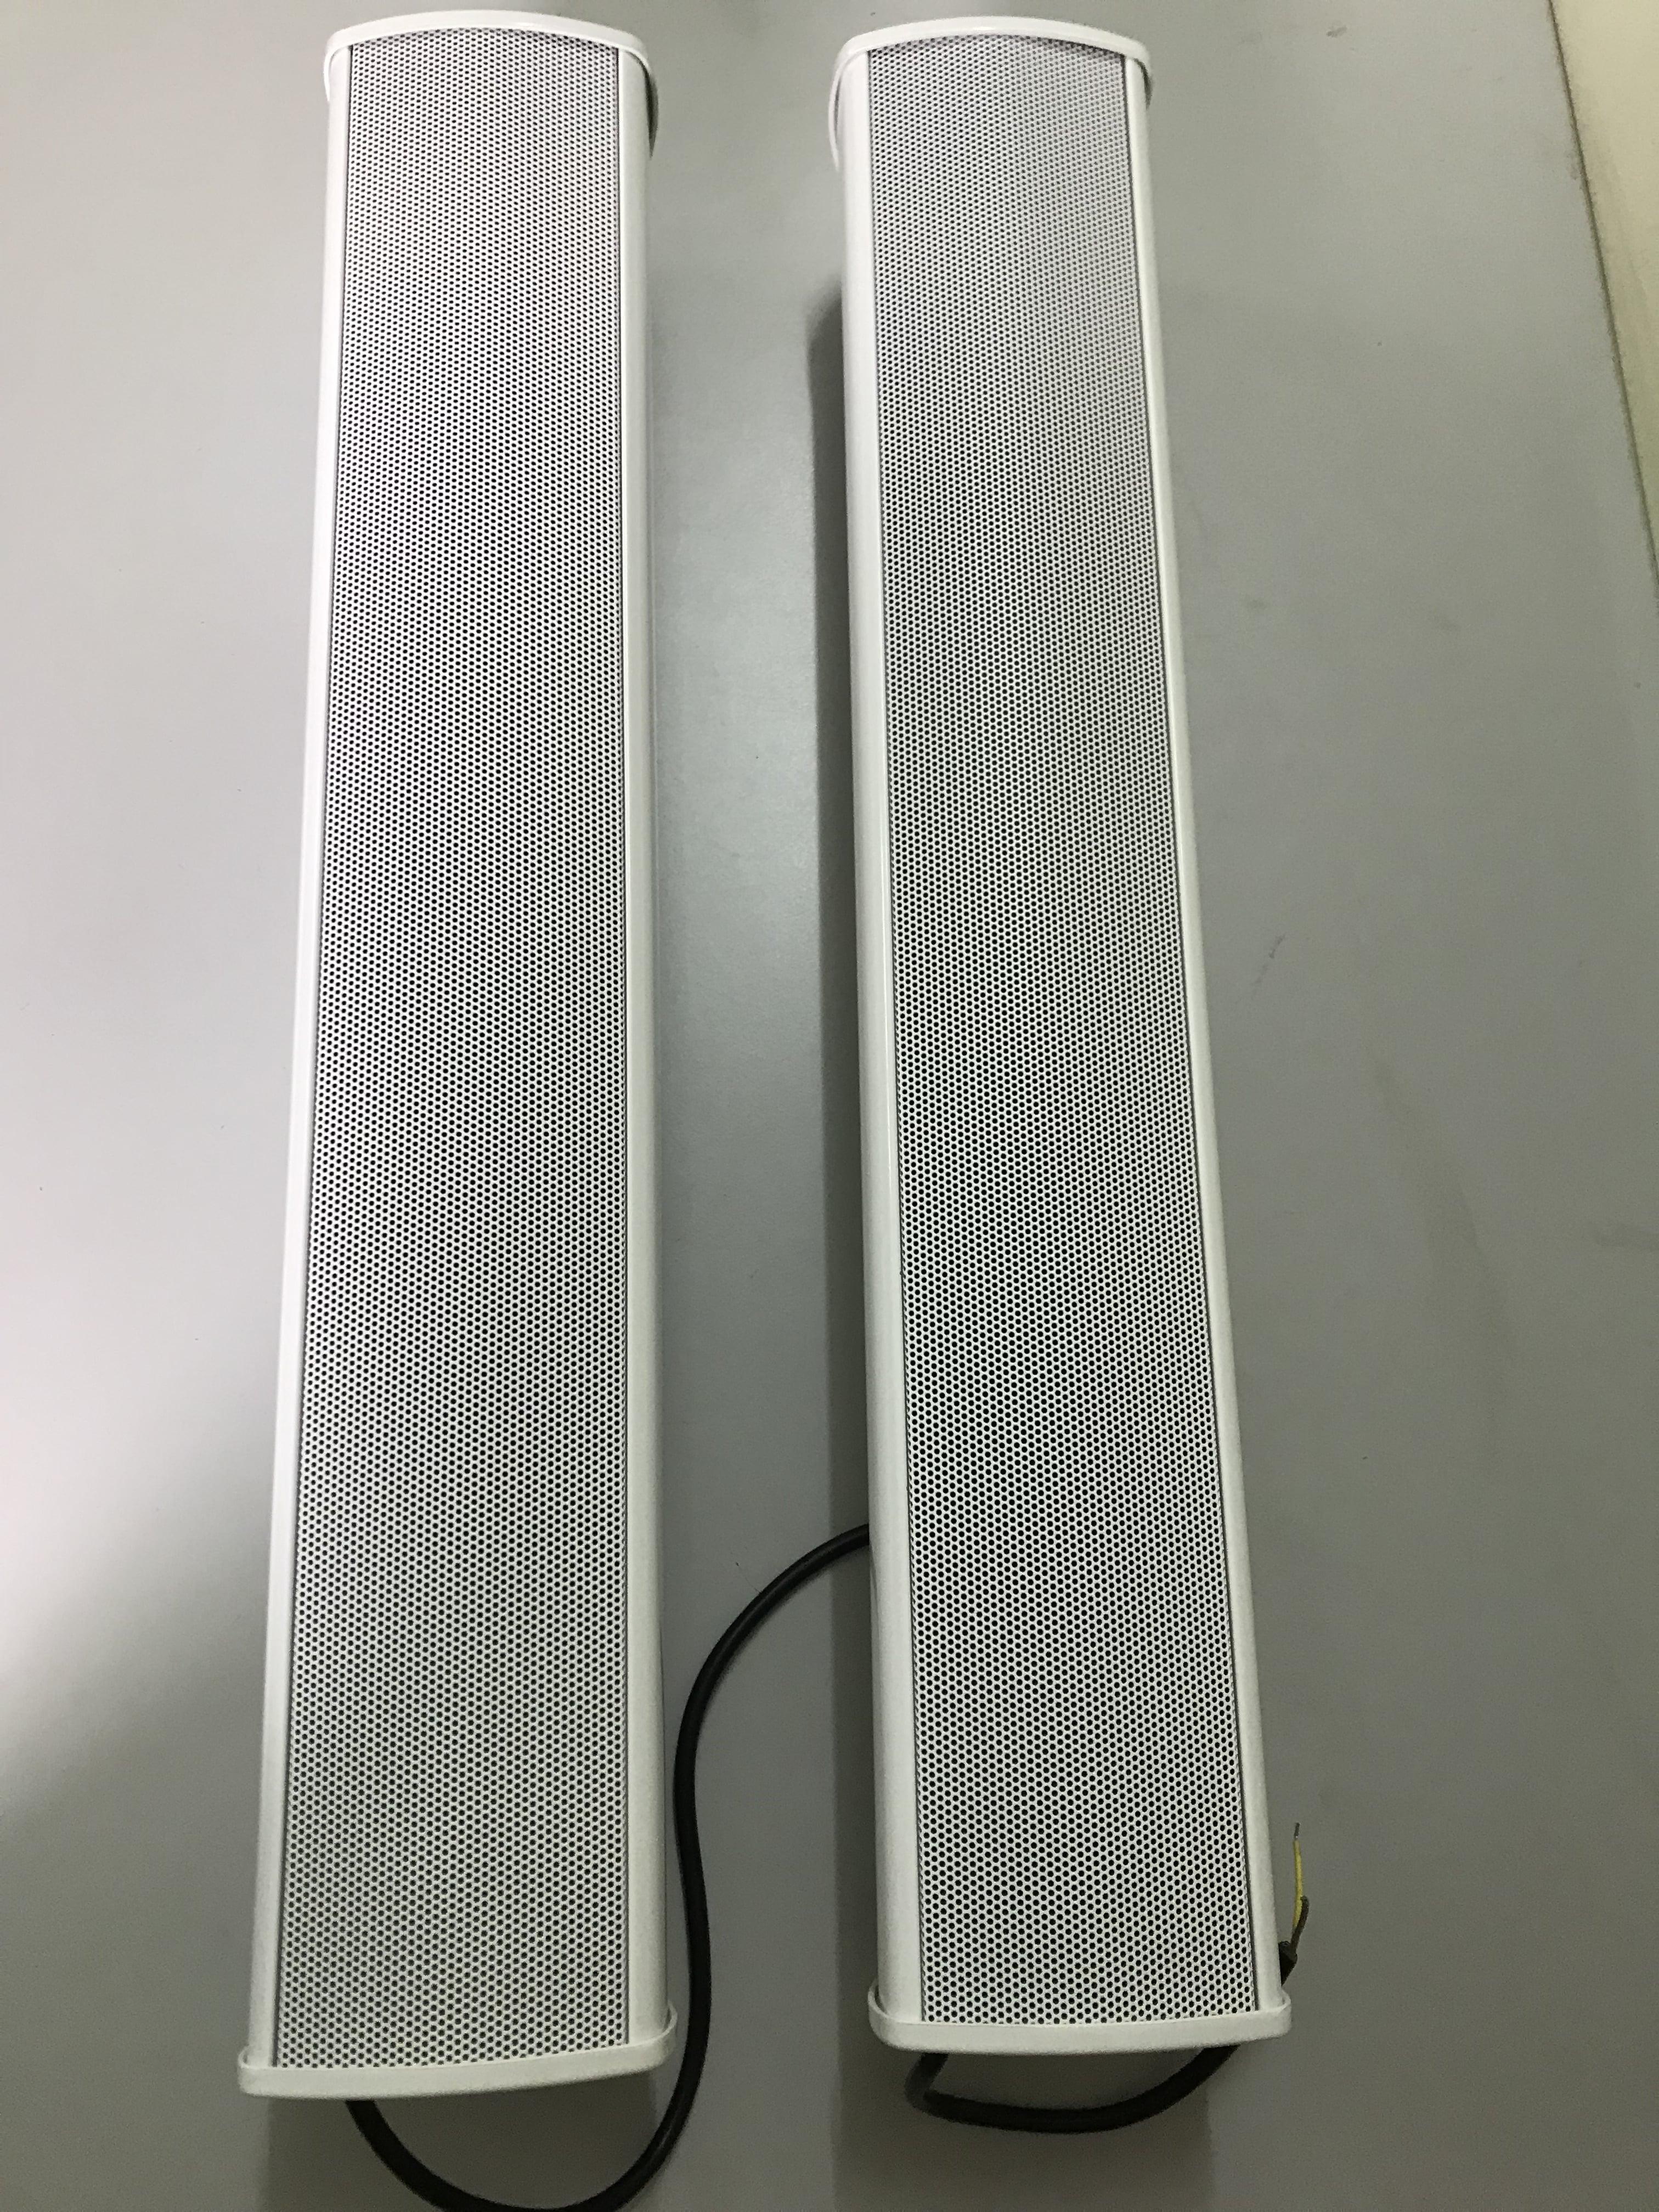 Loa treo tường DB LZ chất lượng cao